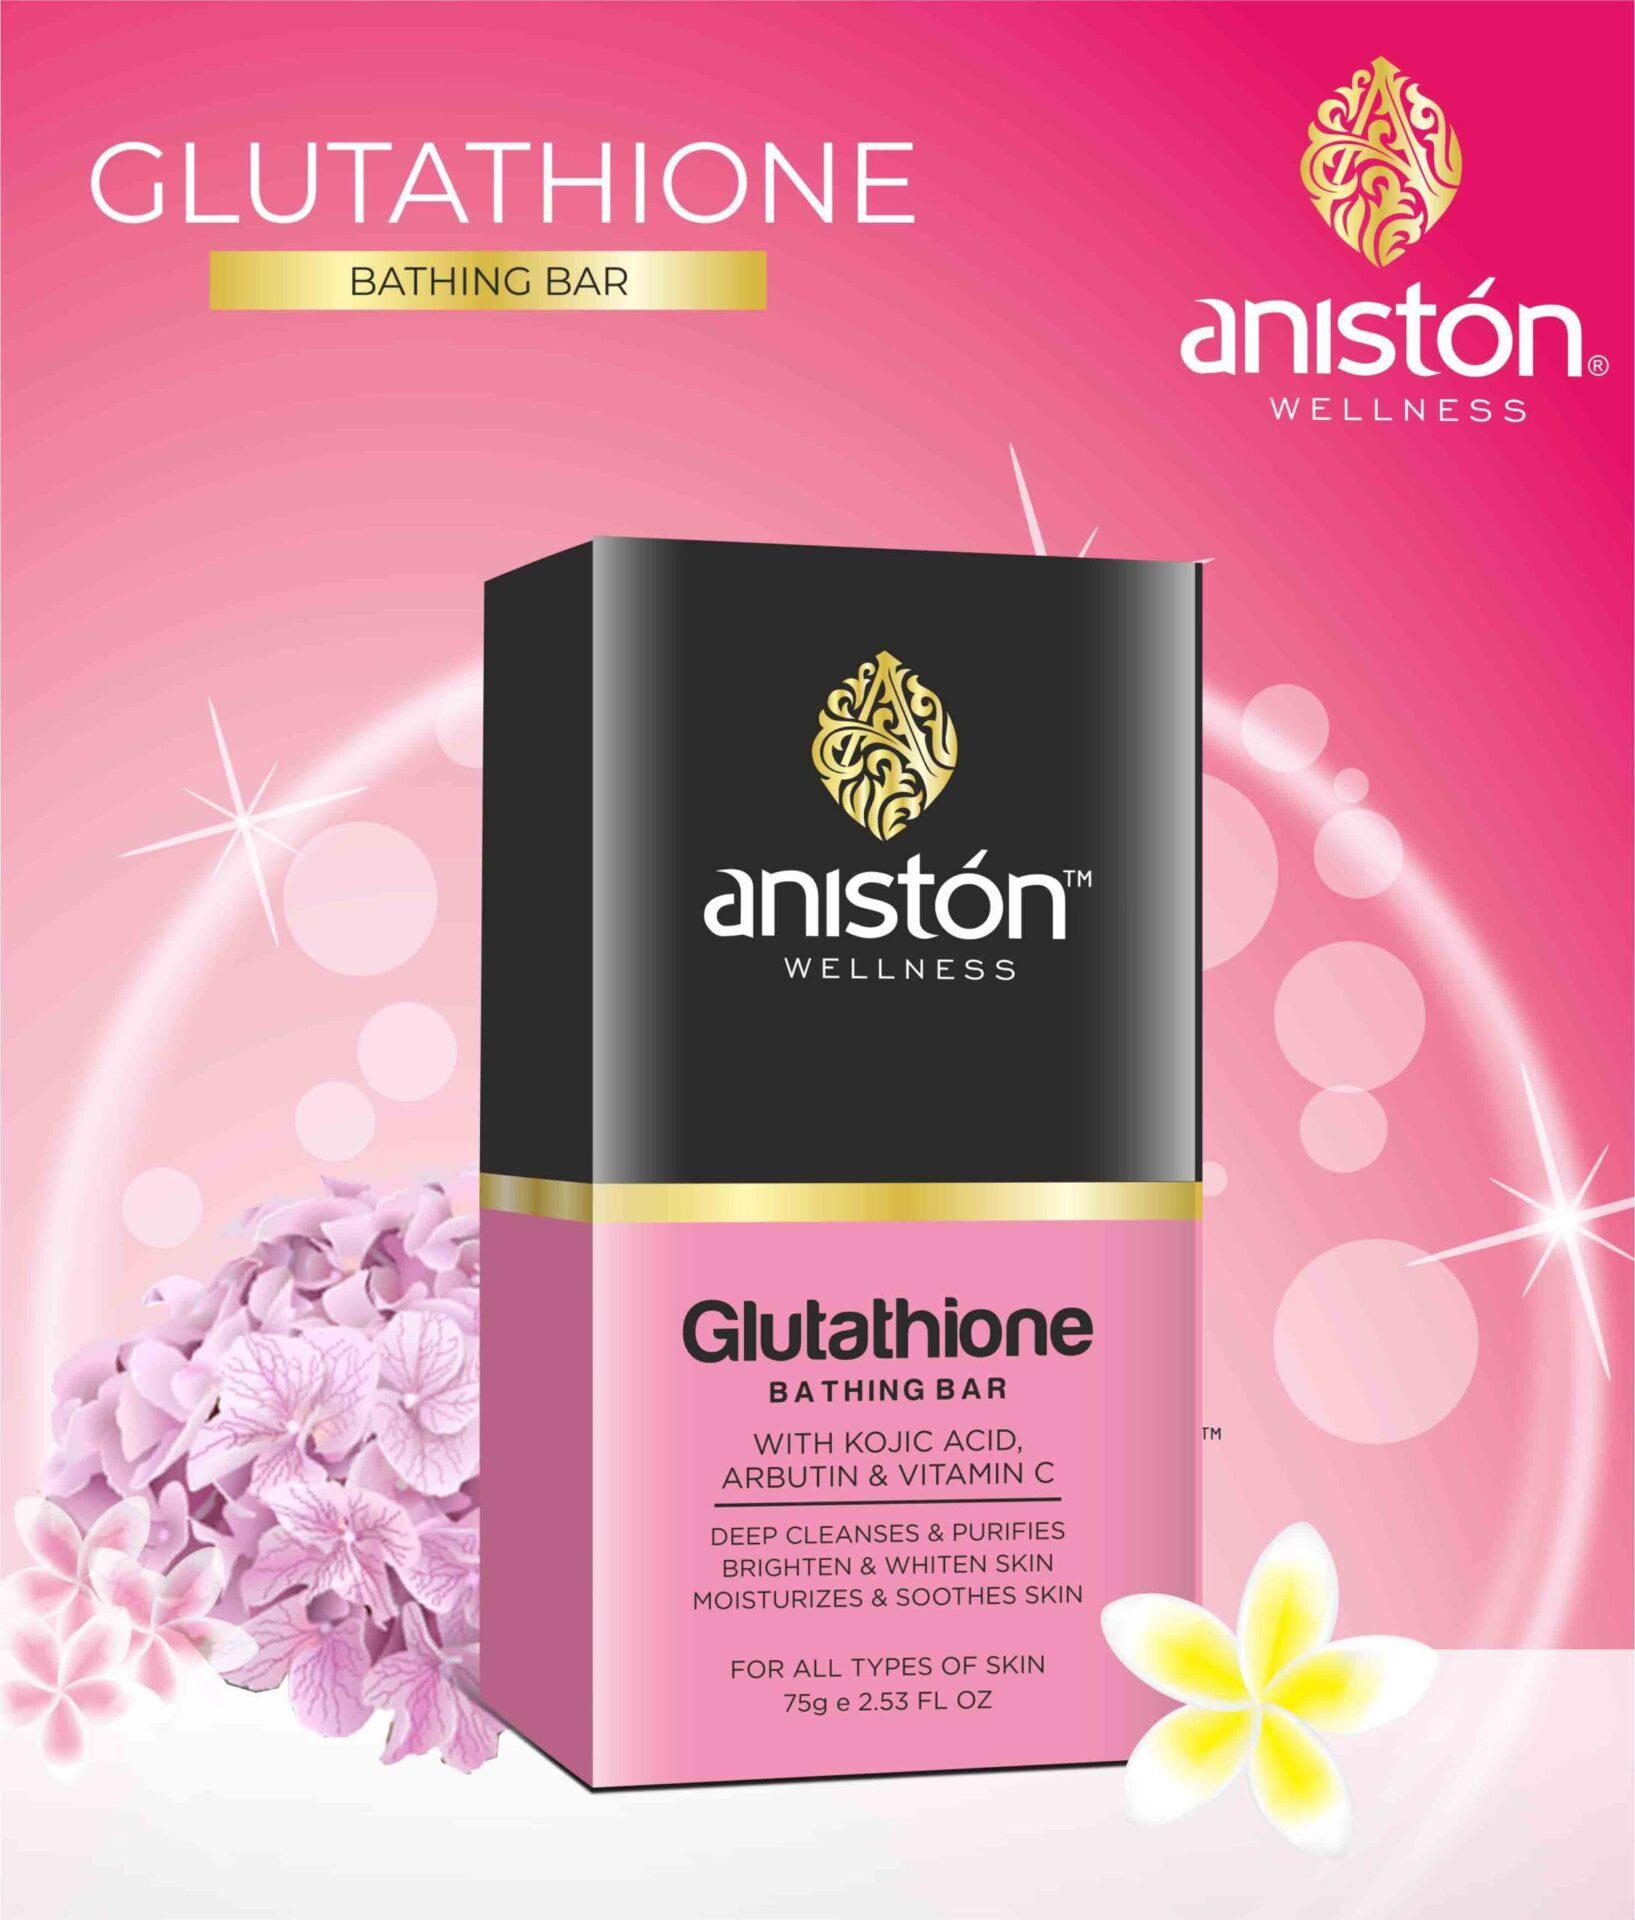 ANISTON-GLUTATHIONE-BATHING-BAR-2-scaled.jpg